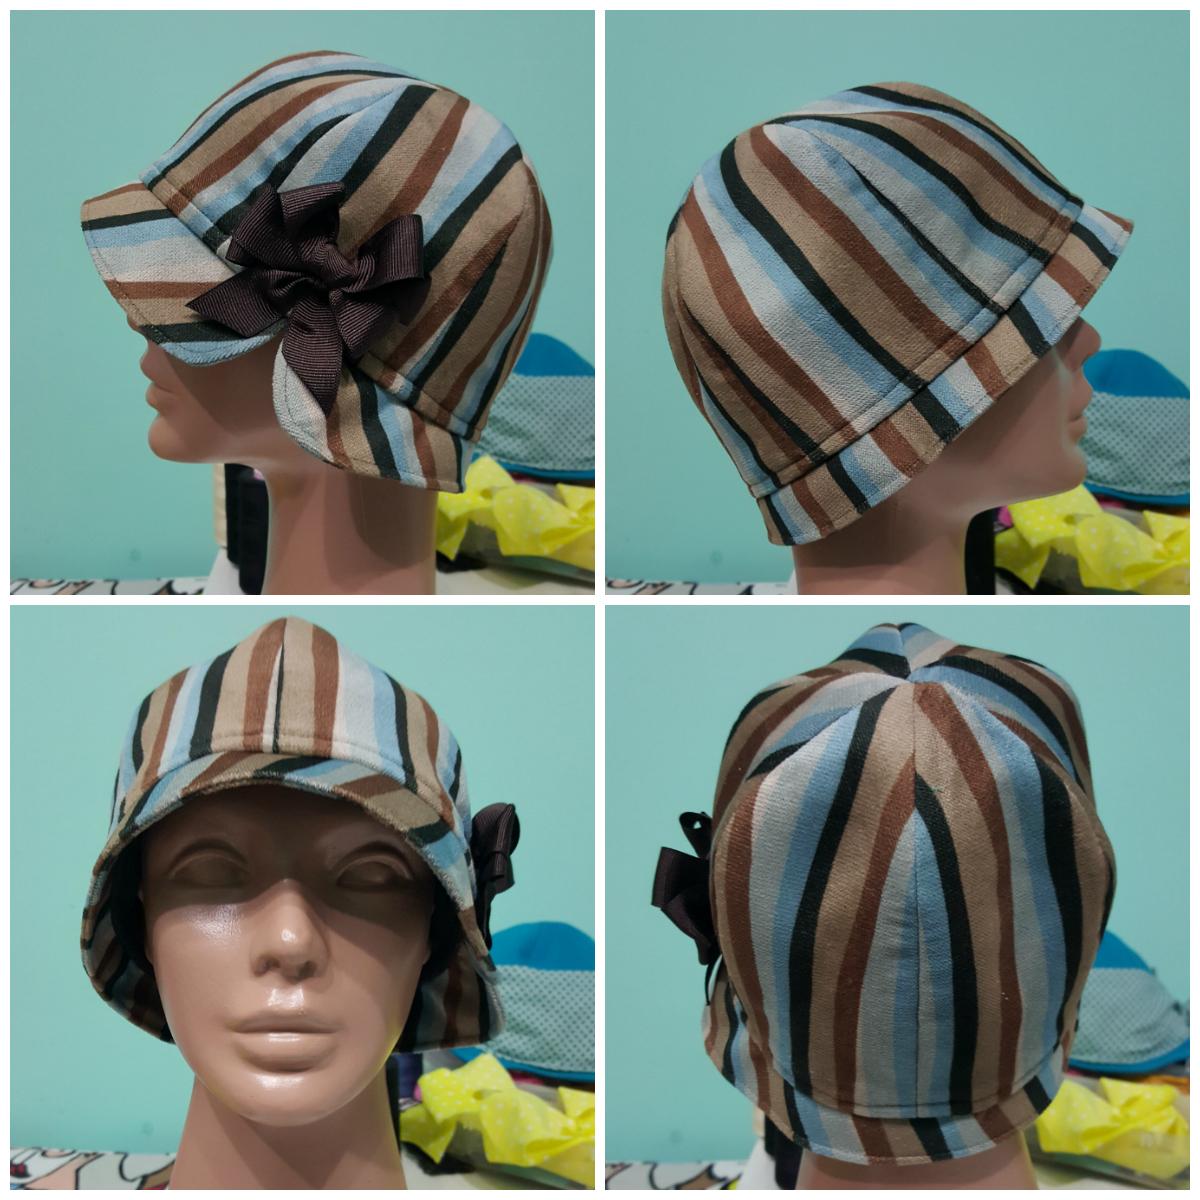 şapka nasıl dikilir?